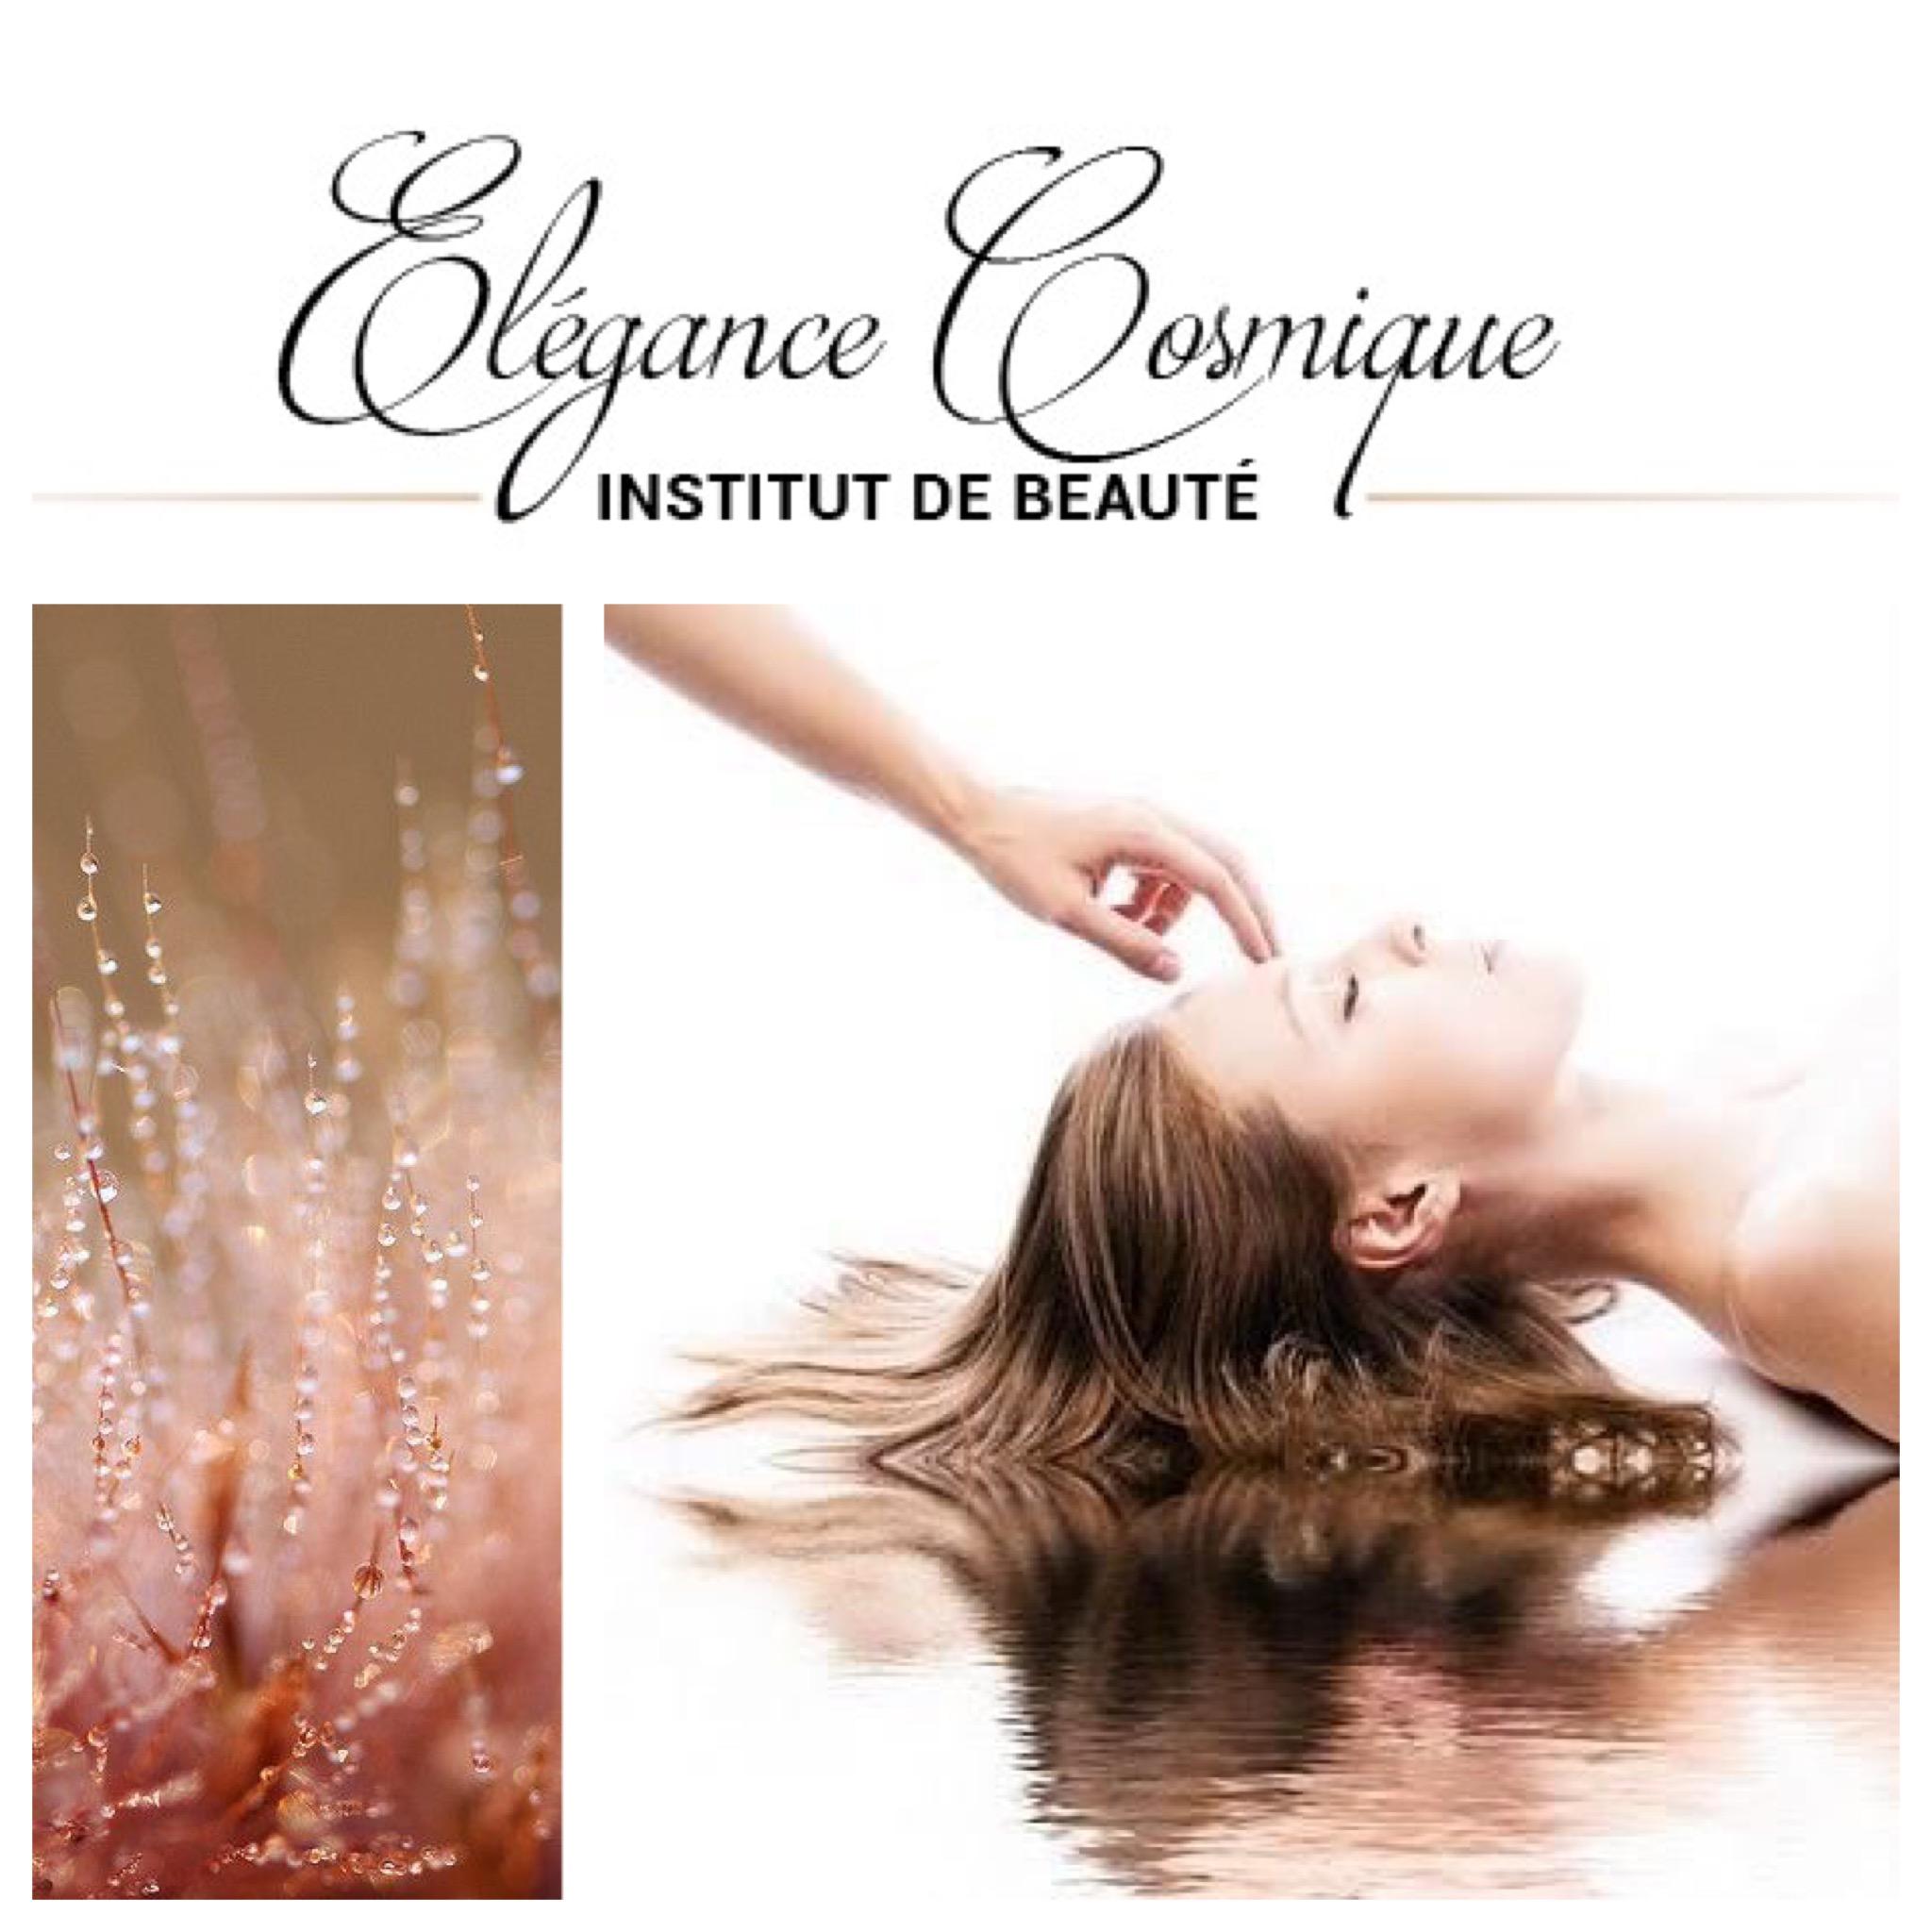 Elegance Cosmique | Institut de beauté à Marseille 13008